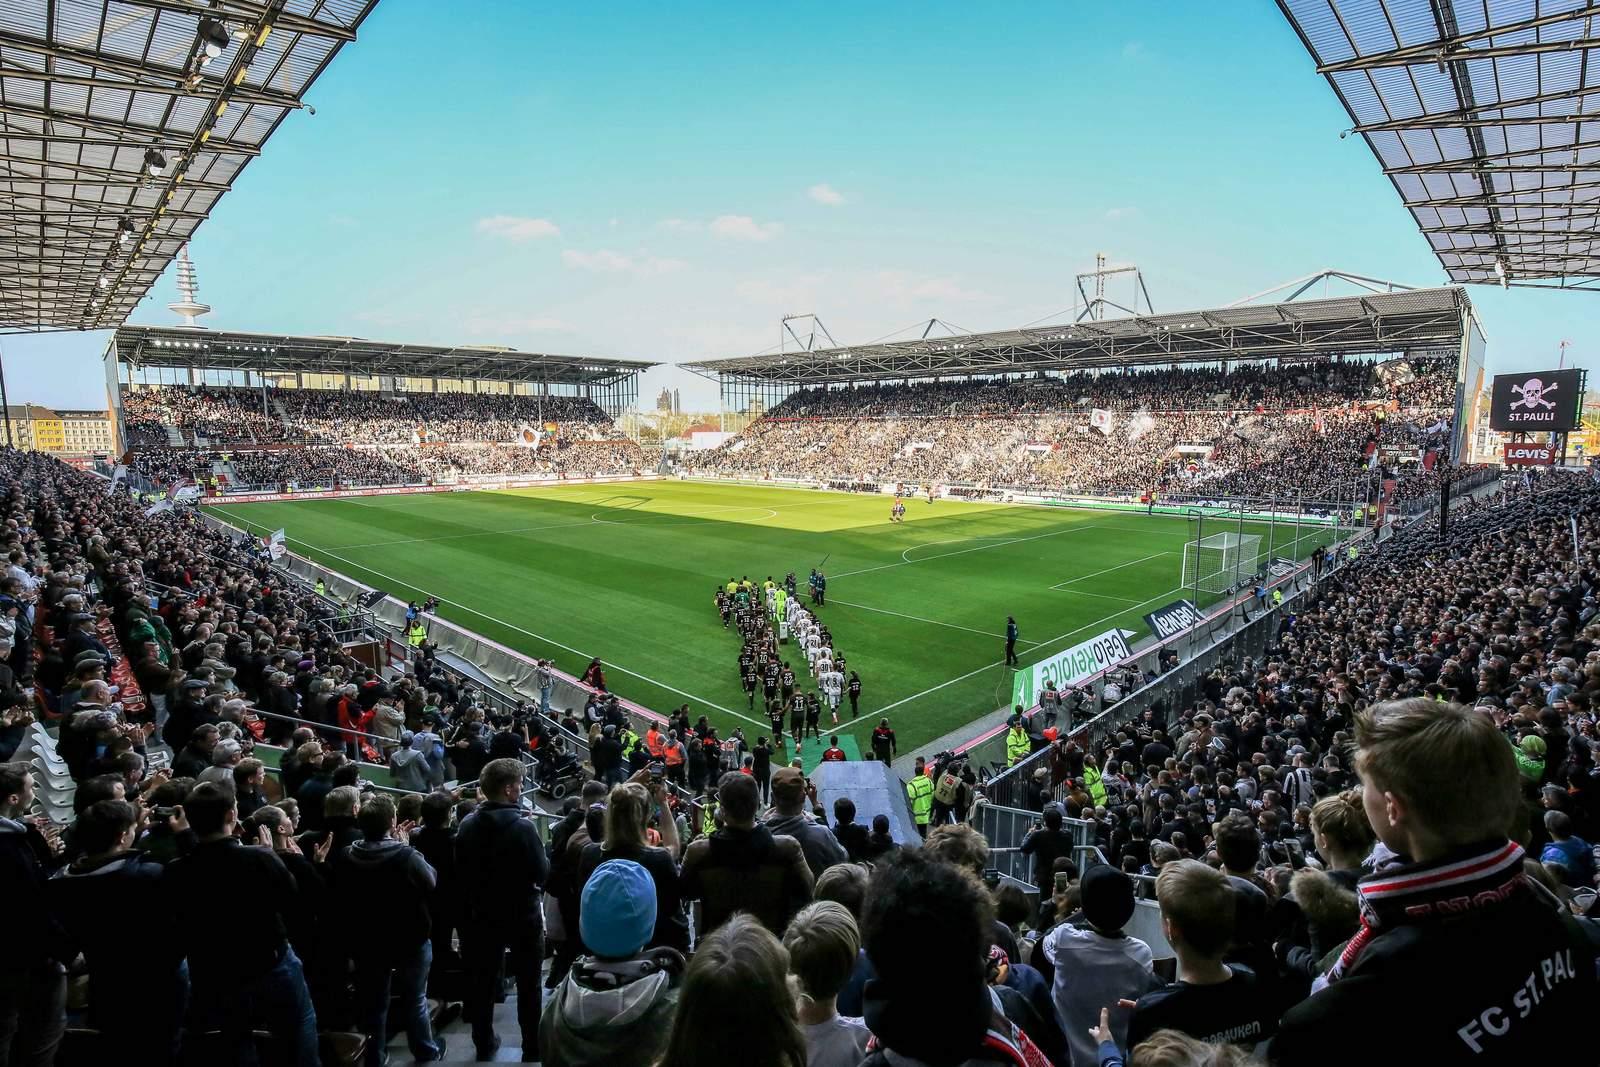 Der FC St. Pauli ist auf dem Kiez zu Hause. Das Millerntor-Stadion ist ein echter Zuschauermagnet.